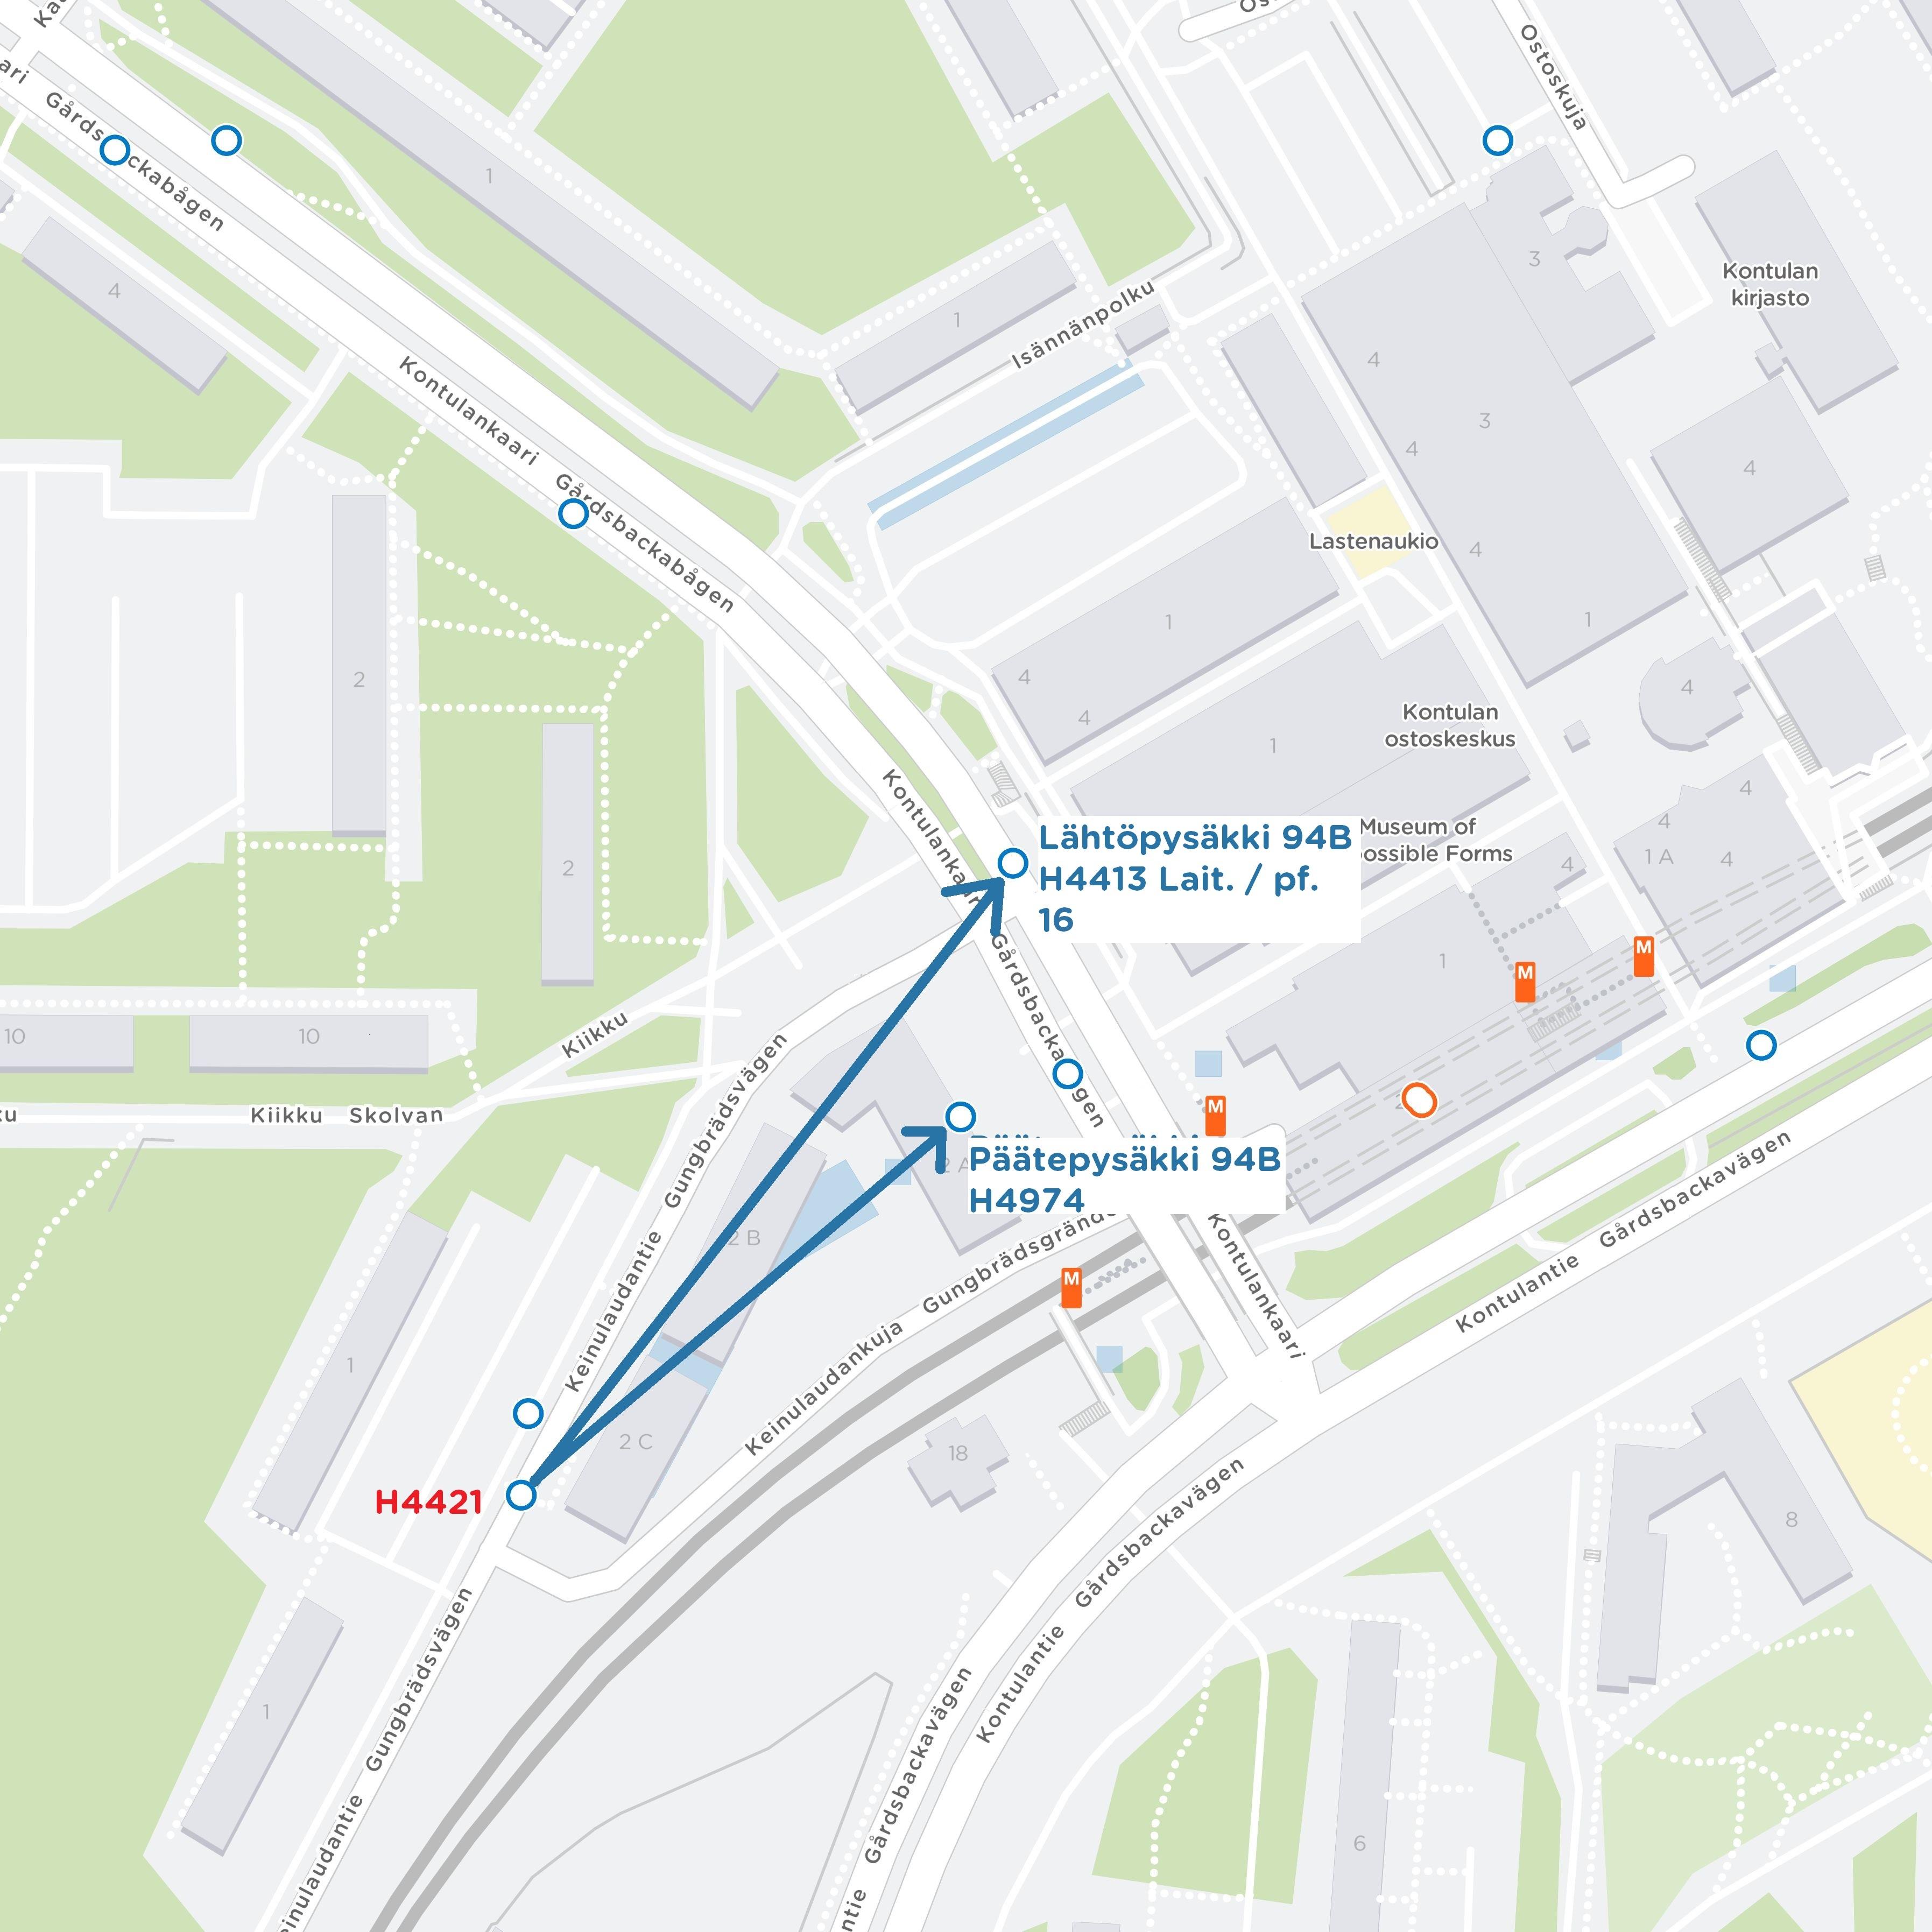 Linja 94B siiryy Kontulassa terminaalin laituriin 16